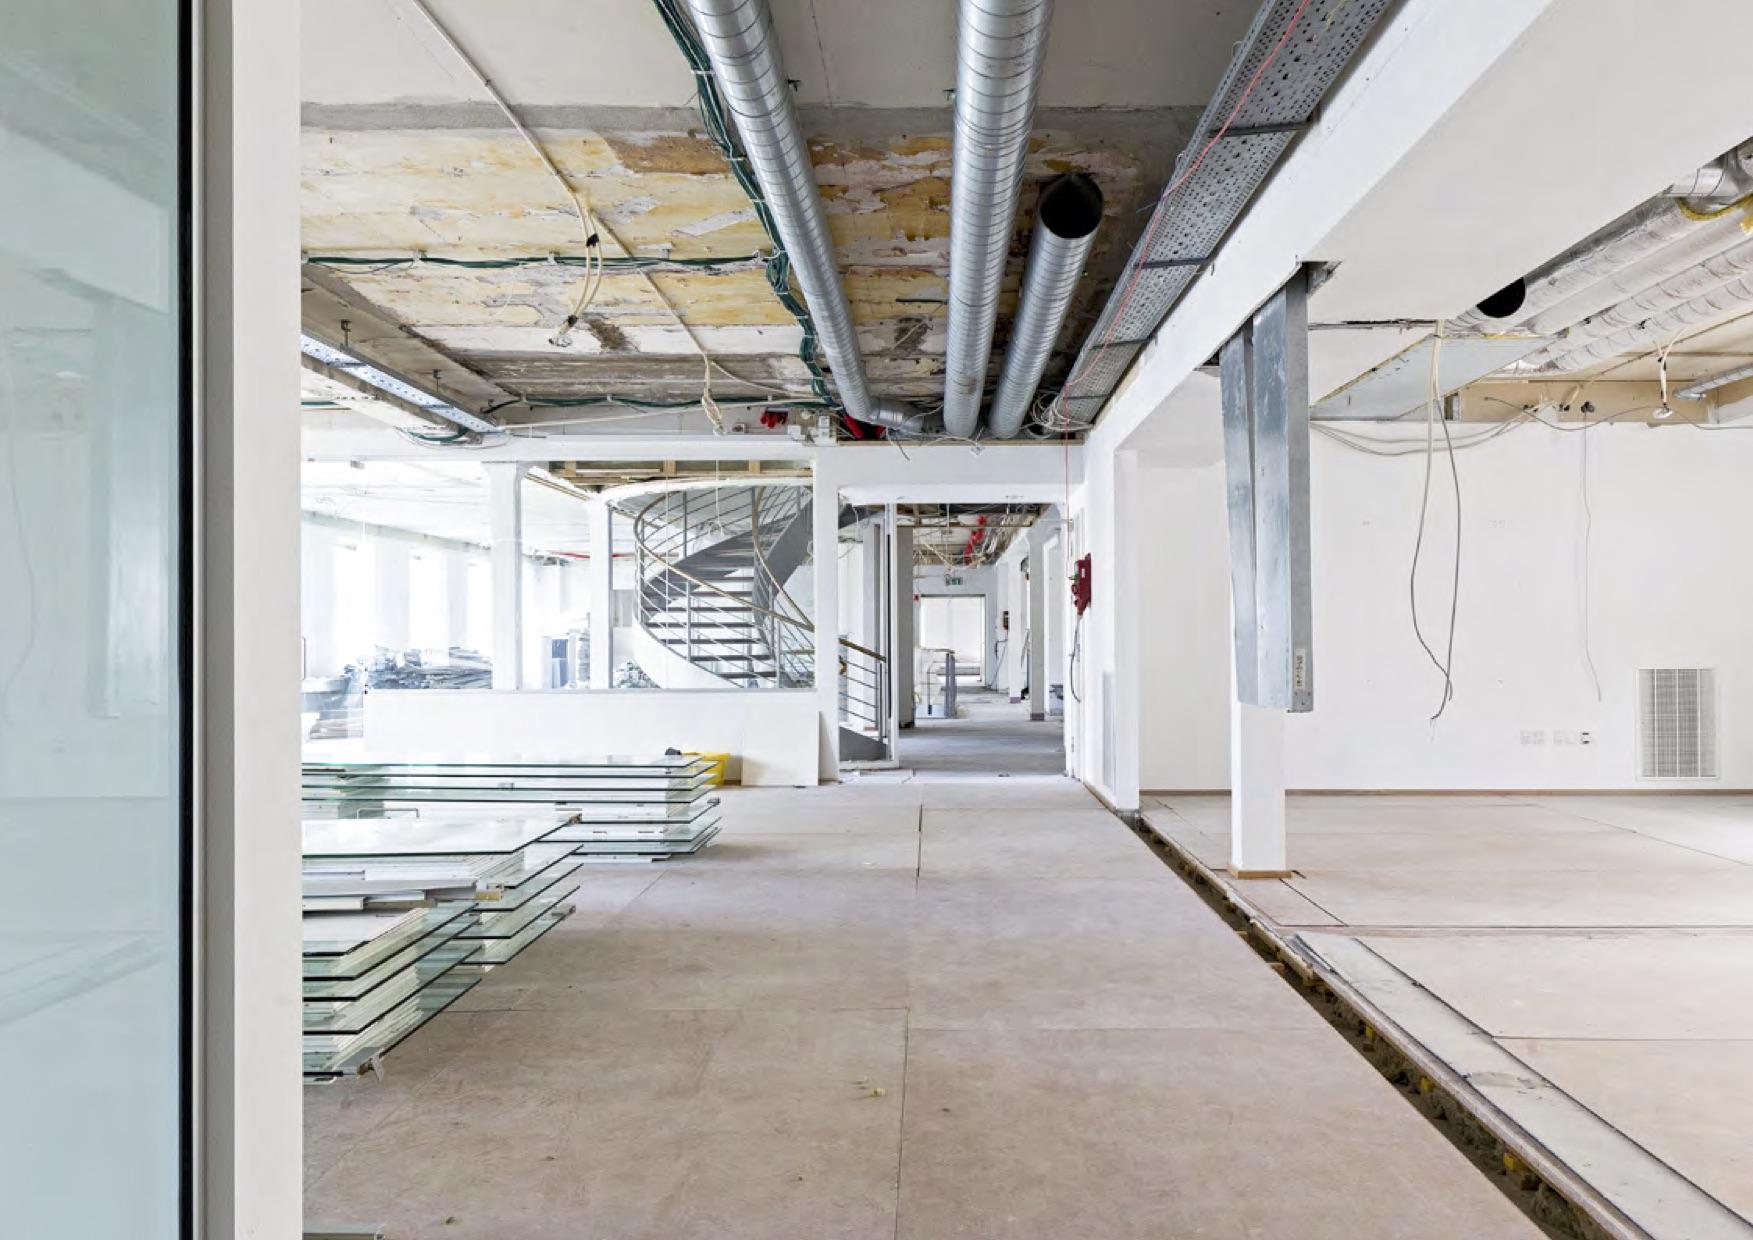 """Fotobog: """"Strandvejen 56"""" – Ombygning og indretning af nyt hovedkvarter til Implement Consulting Group for Aberdeen Property Invest Danmark. Totalrådgiver: Retaildesign"""